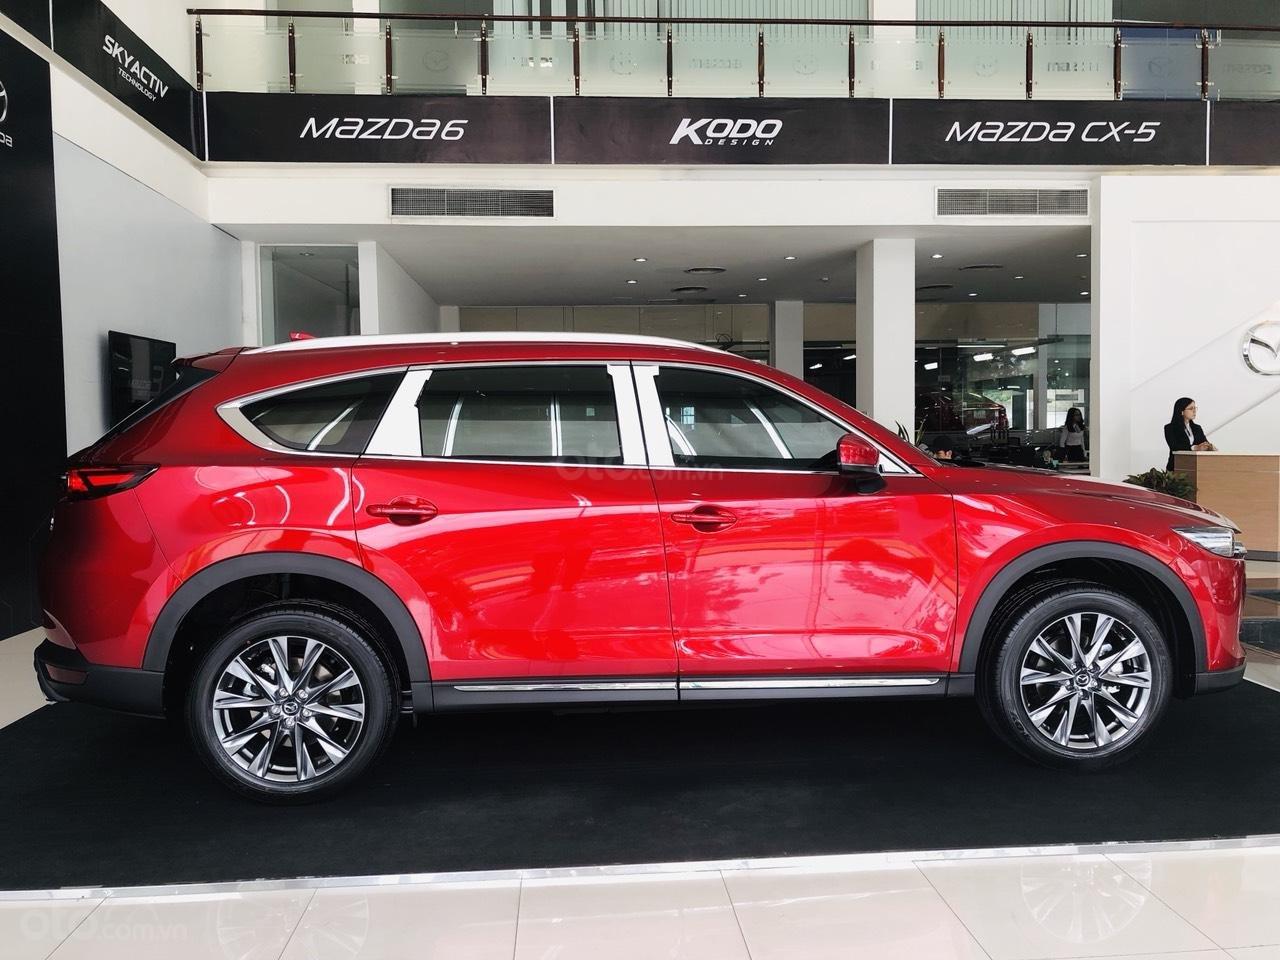 Bán Mazda CX-8 Premium 2019 - ưu đãi hấp dẫn - Hỗ trợ thủ tục nhanh chóng (2)